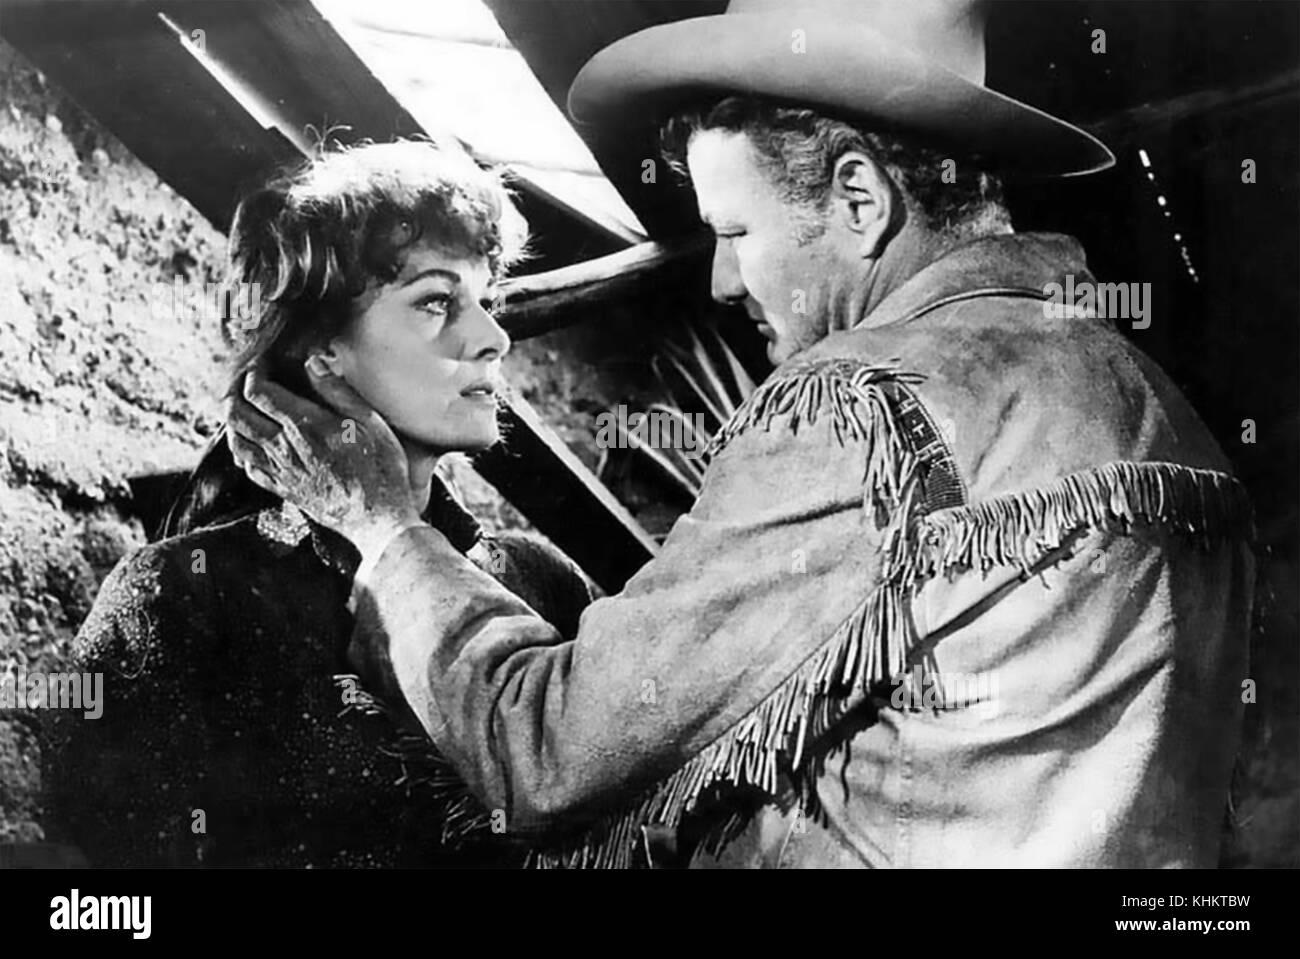 Las compañeras 1961 pathe latina film con Maureen O'Hara y Brian keith Imagen De Stock